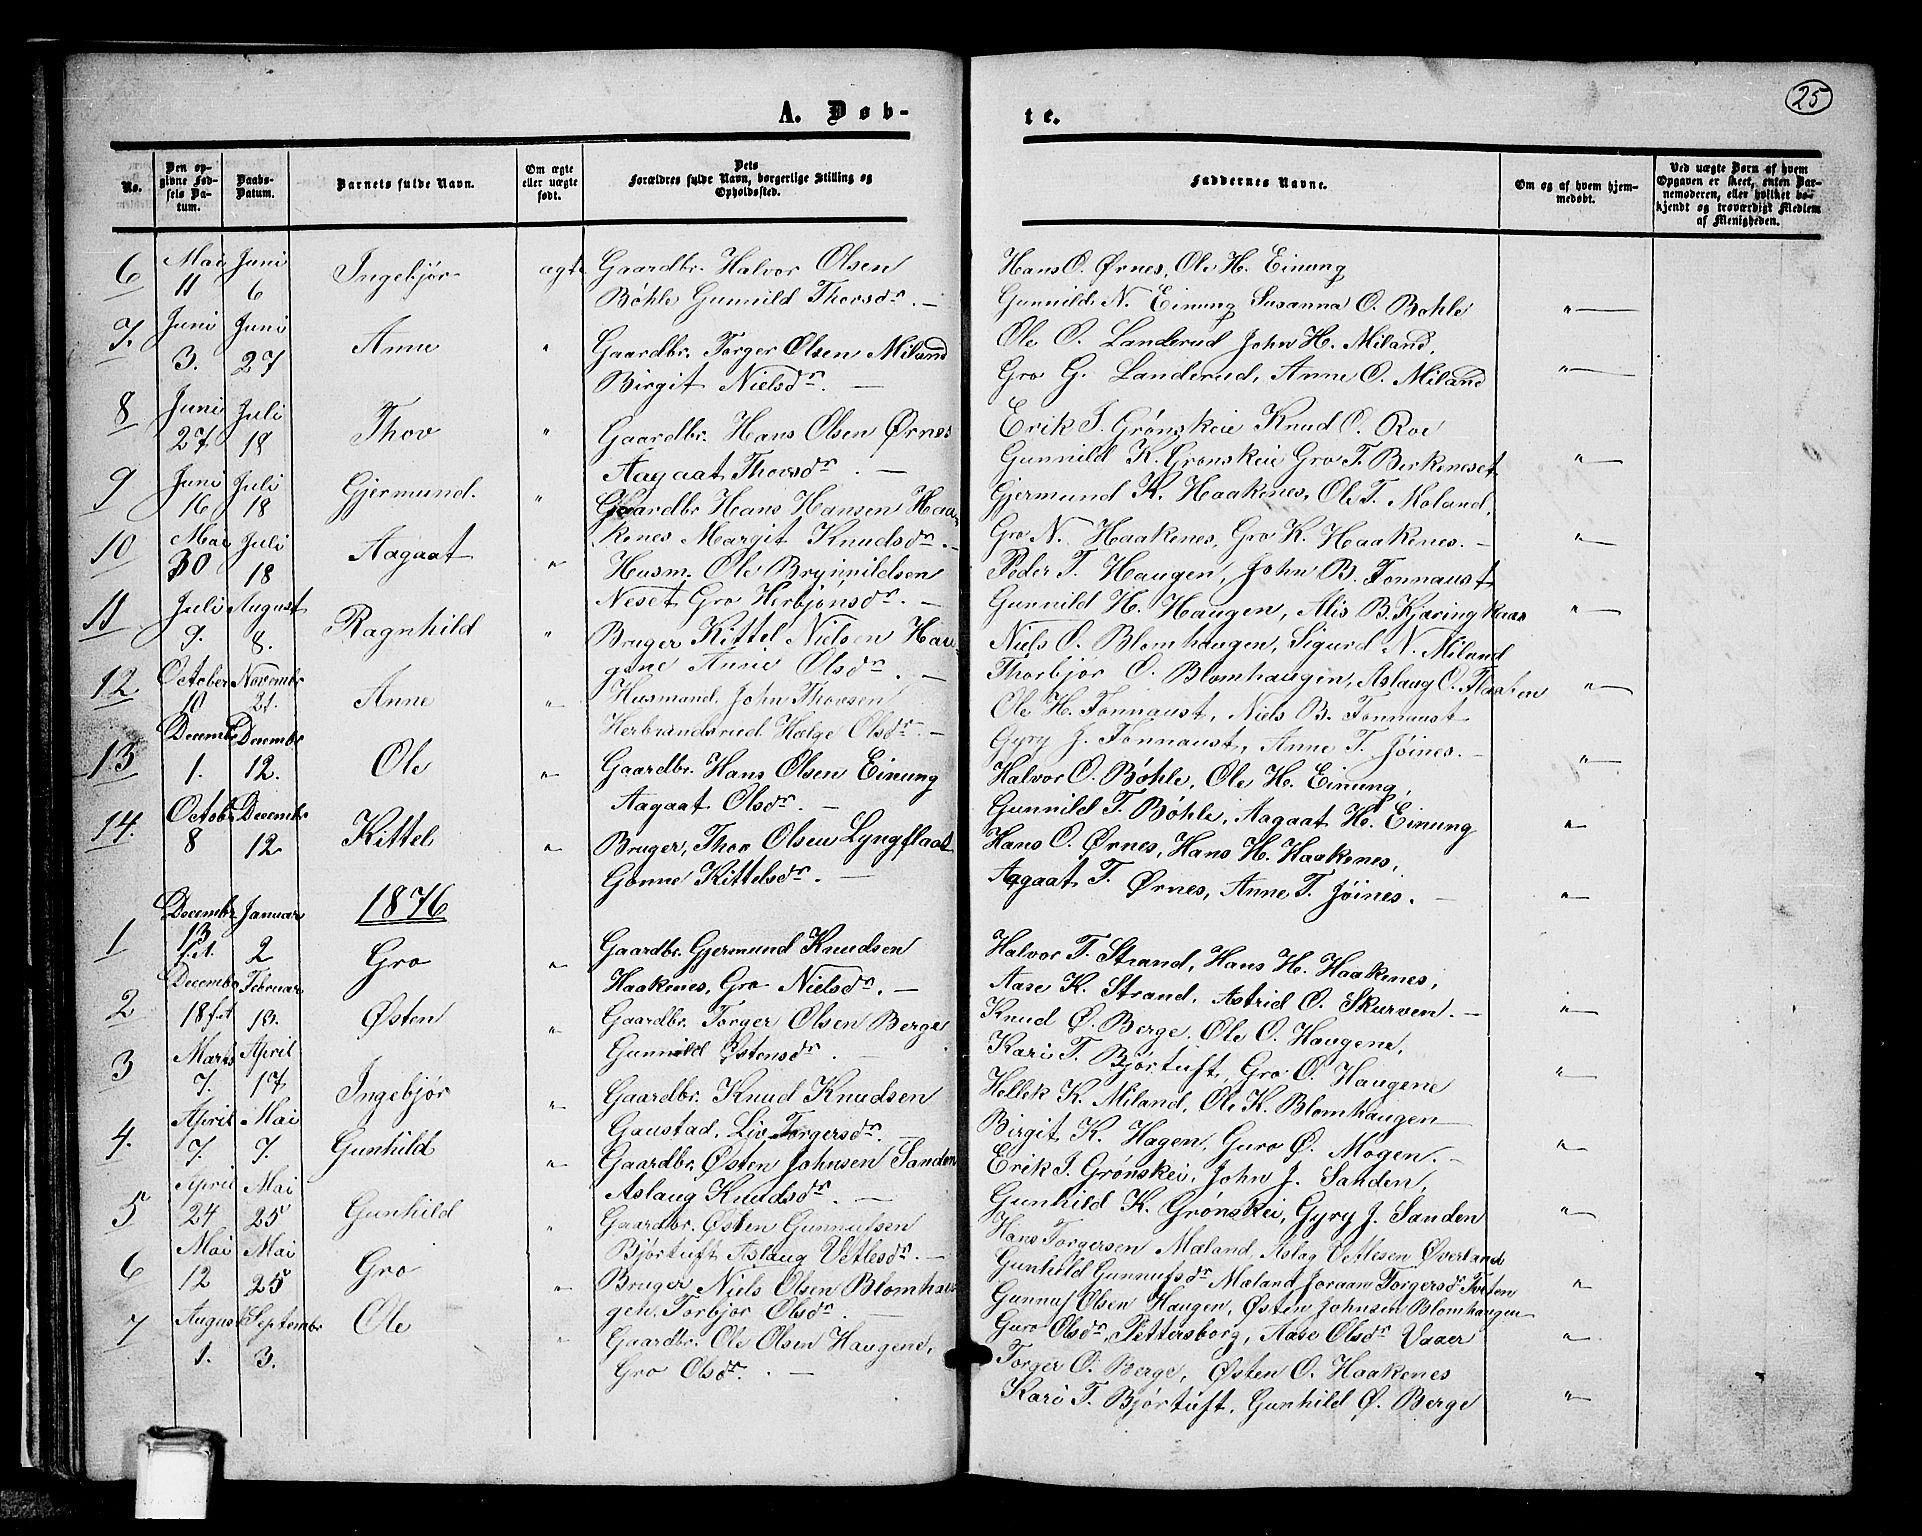 SAKO, Tinn kirkebøker, G/Gb/L0002: Klokkerbok nr. II 2, 1851-1886, s. 25